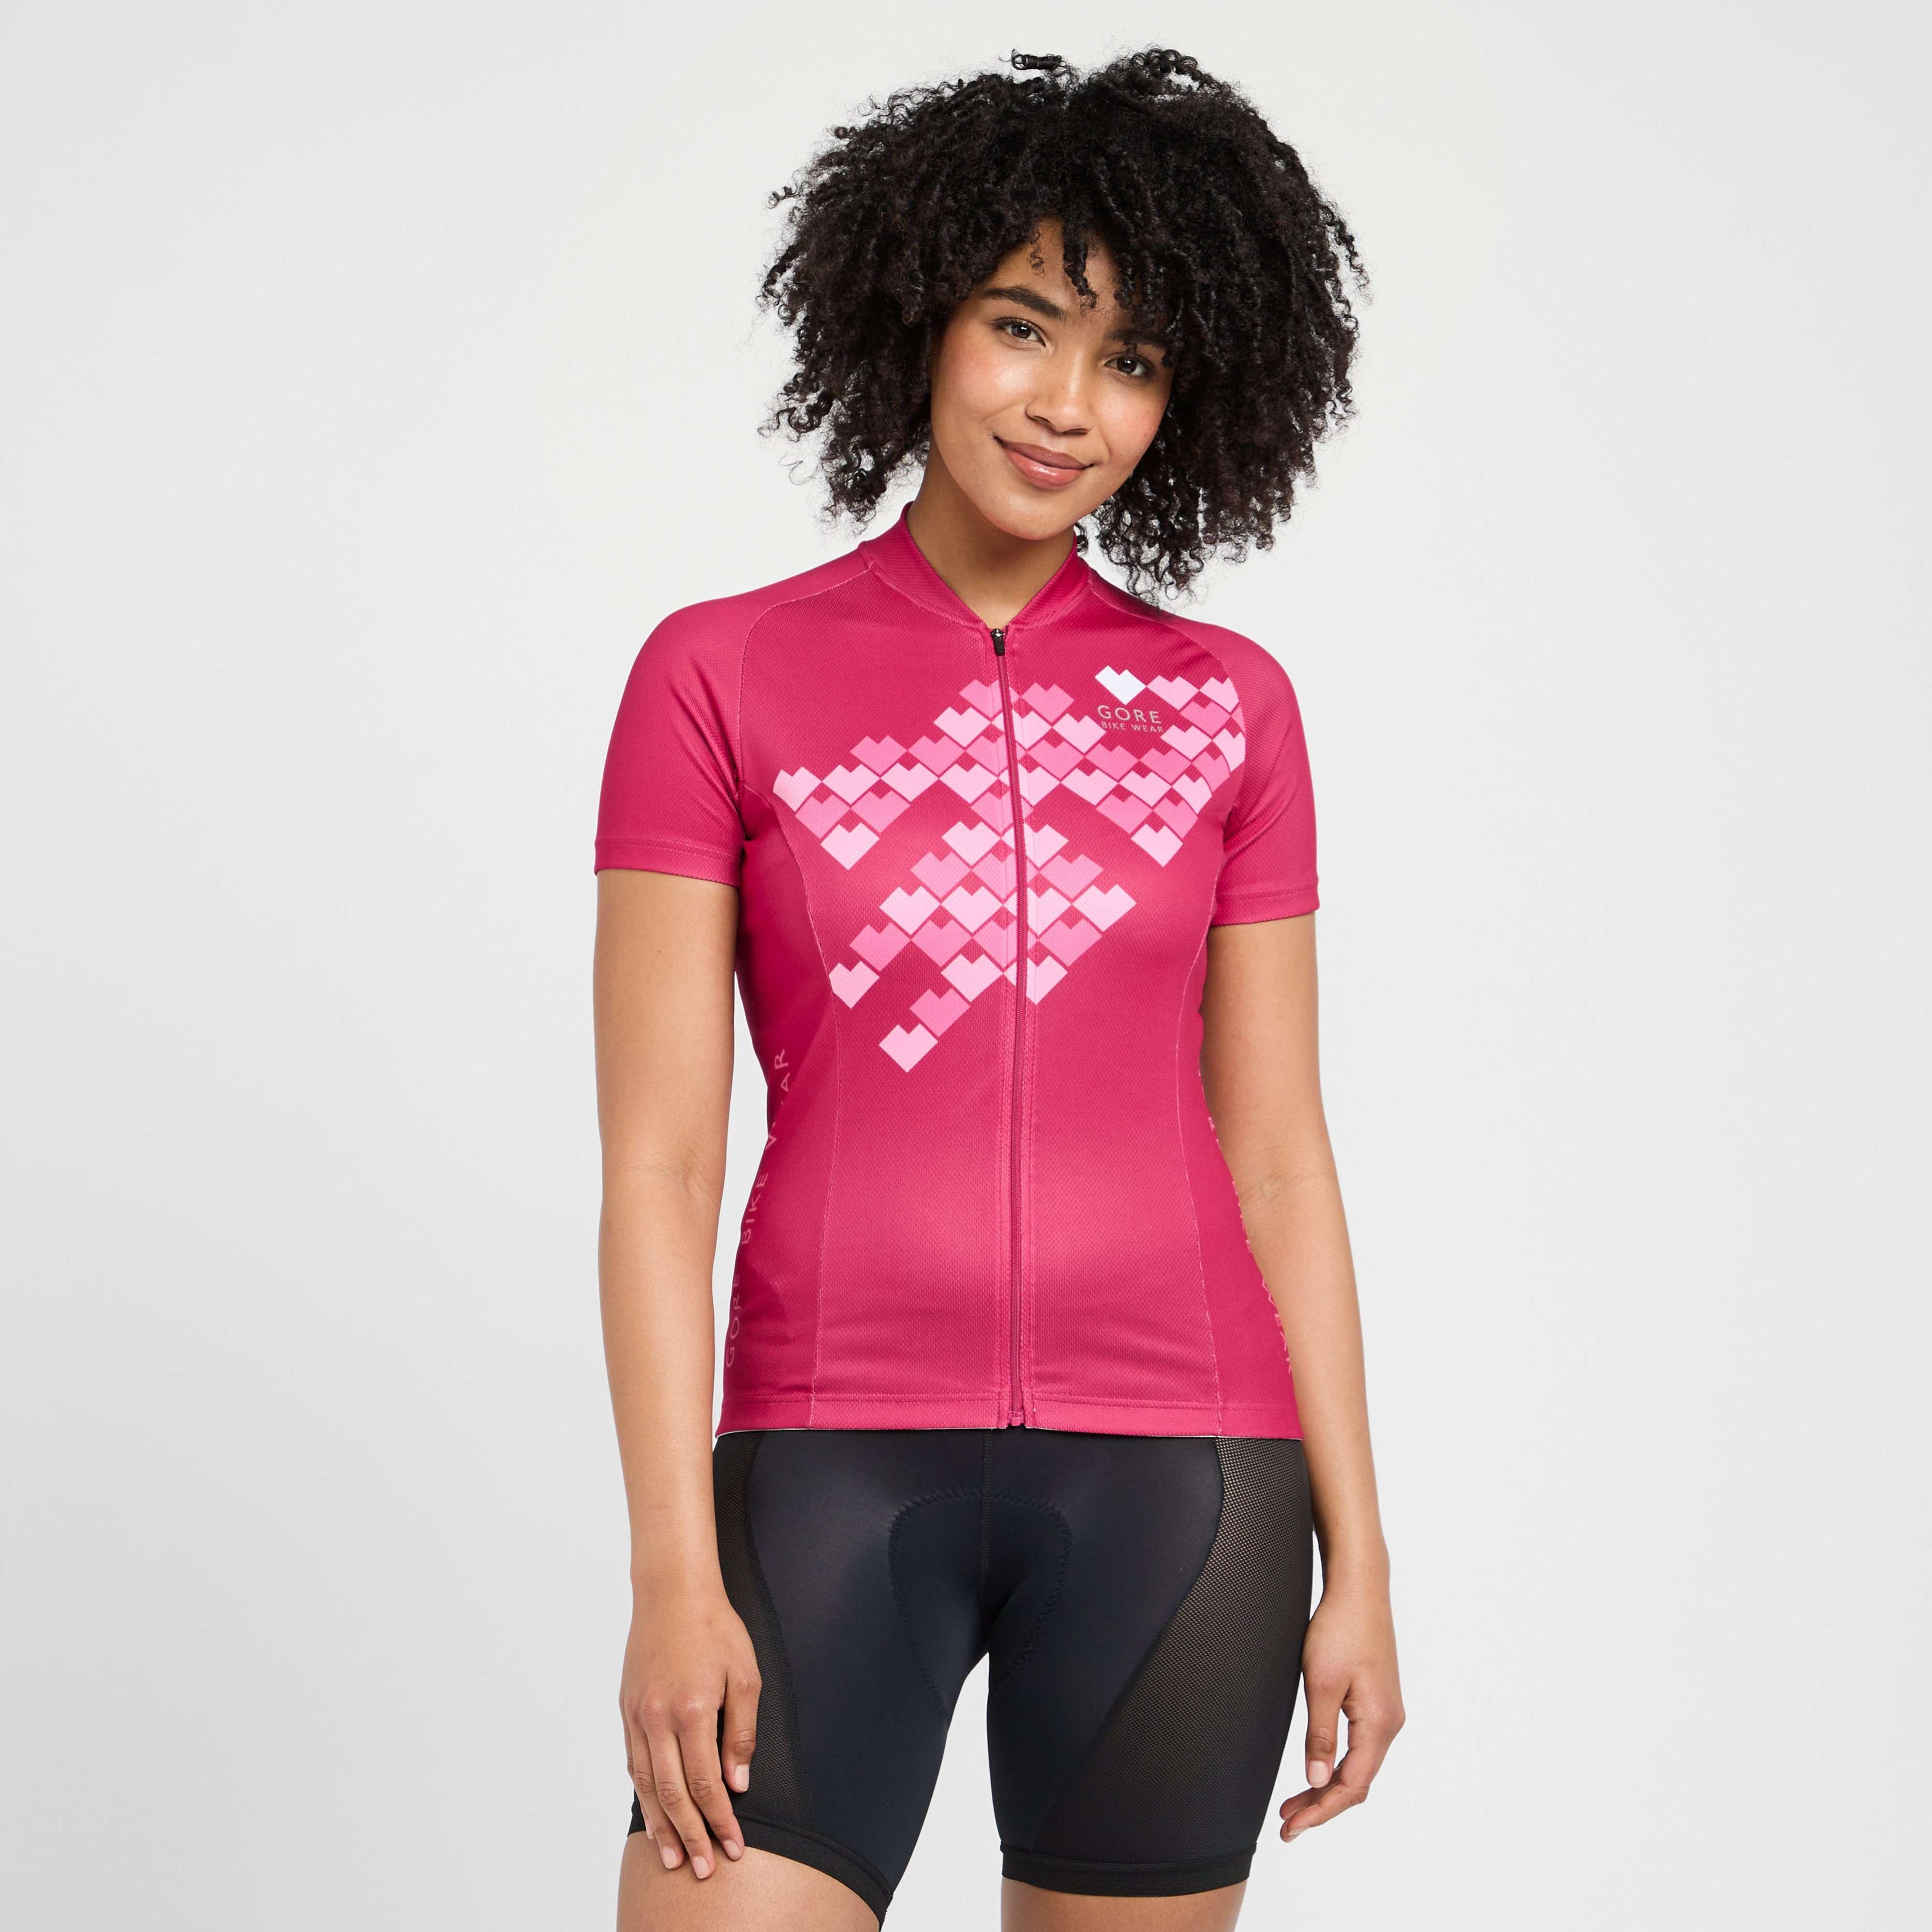 GORE Women's Heart Jersey